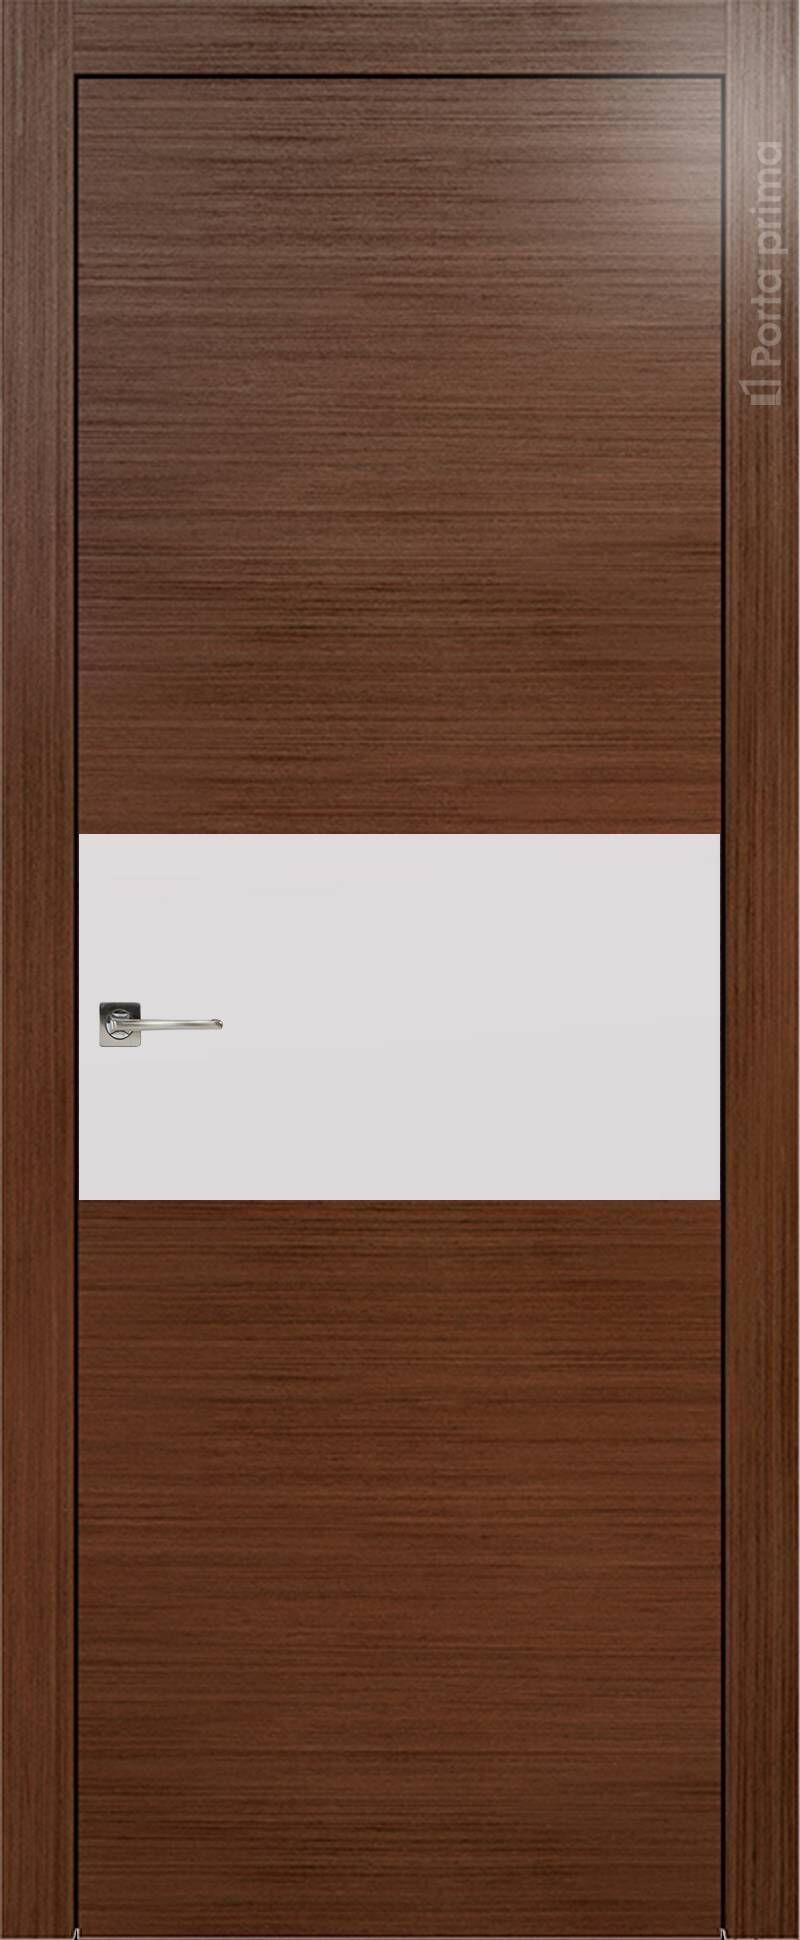 Tivoli Е-4 цвет - Темный орех Без стекла (ДГ)